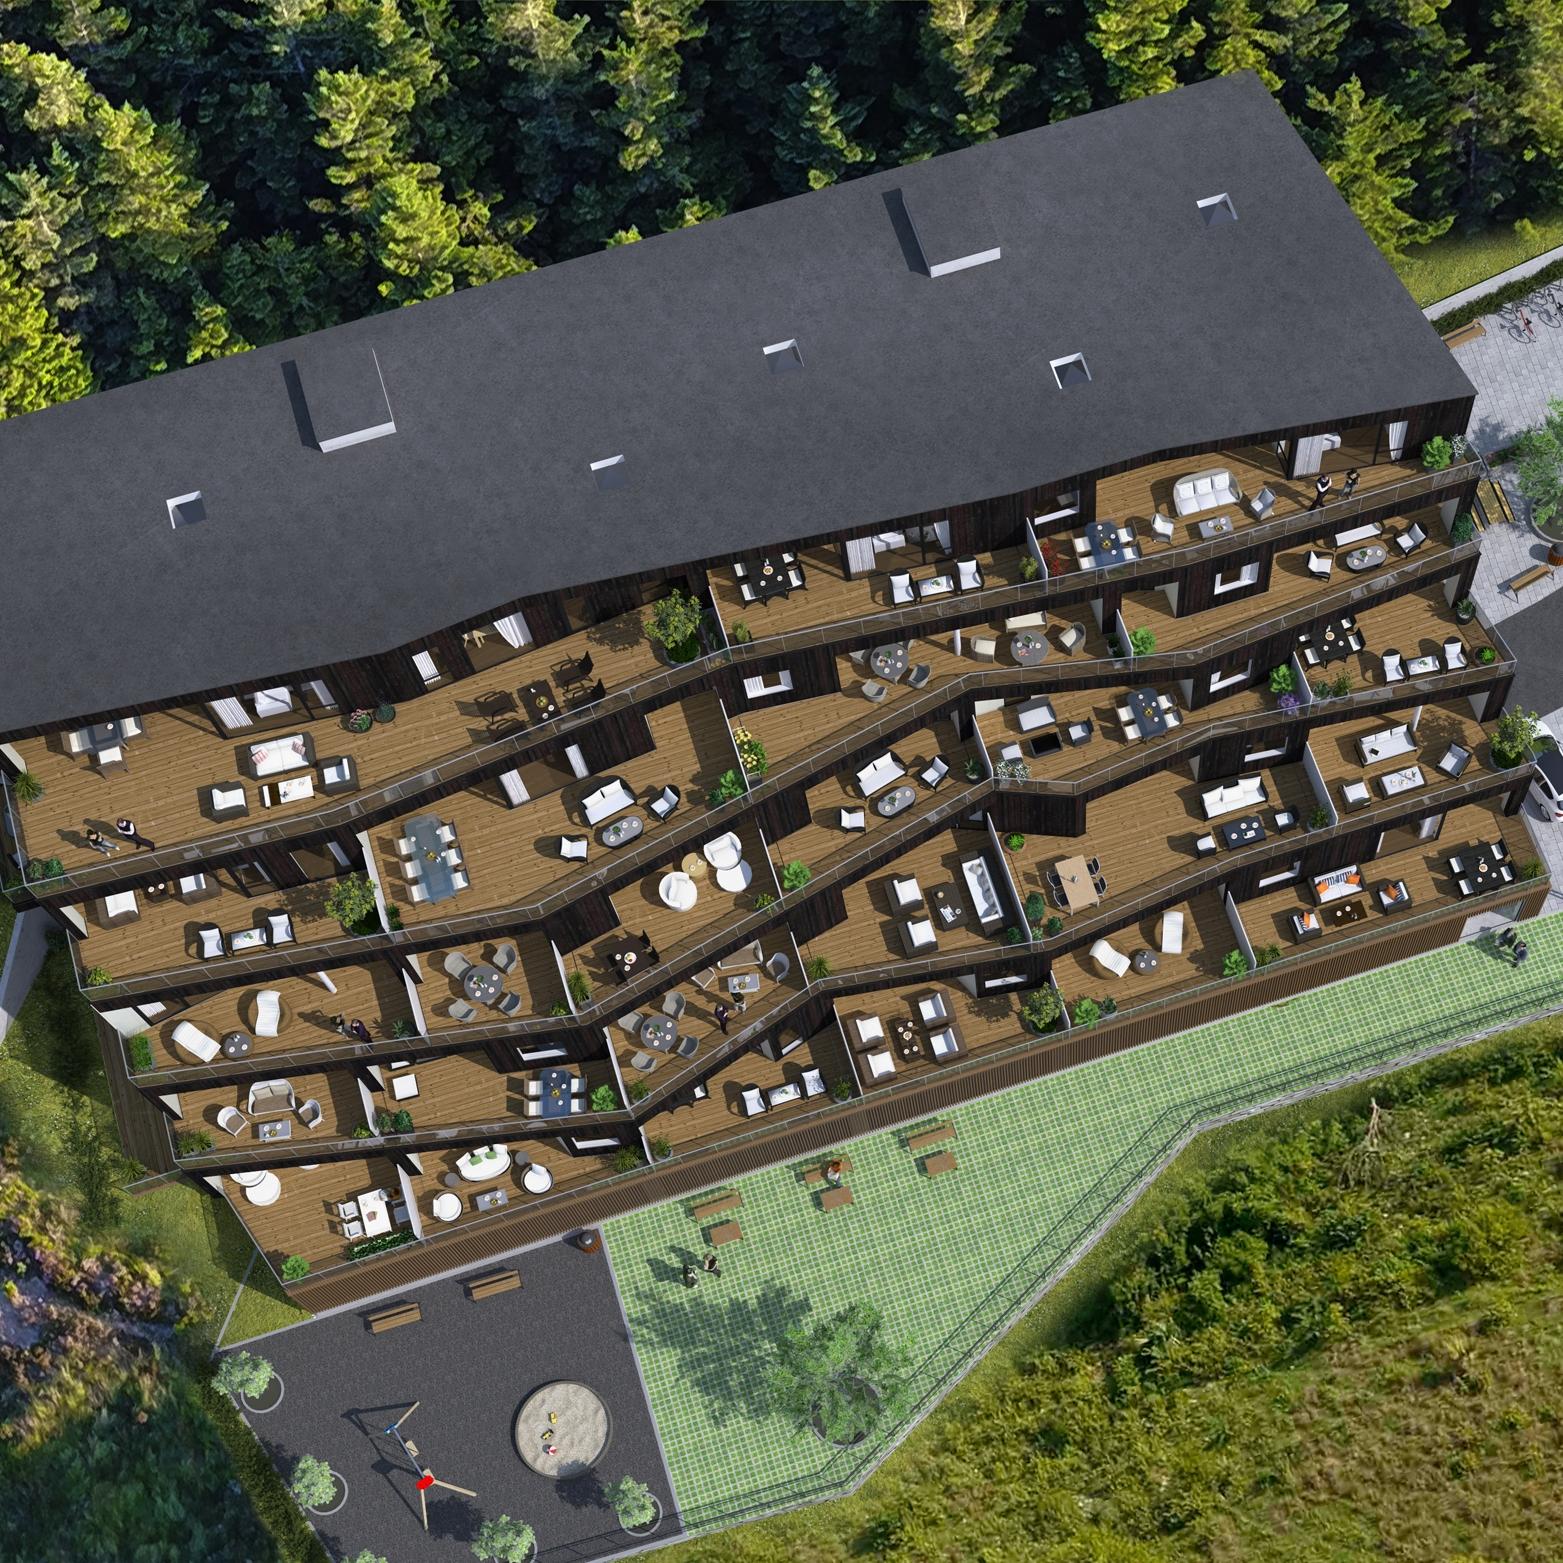 """- Terrasseblokka ZIK-ZAK blir bygd på bustadområde B10, som er det nest siste byggeområde innanfor reguleringsplanen for Falkenstein. Dette er eit godt etablert bustadområde, plassert på Førdes solside. På nokre minutt går du til matbutikk, kjøpesenter, frisør, helsetilbod, trening, Førdehuset og restaurantar i sentrum med meir. ZIK-ZAK er inspirert av buforma """"cohousing"""": Kvar bebuar har sin eigen private bustad, i tillegg til gode sosiale fellesområde. Den romslege foajeen er bygd for å vere ein uformell møteplass. Her hentar du posten, og du kan slå deg ned med ein kopp kaffi og prate med naboen. Fellesrommet kan du leige når du sjølv treng eit samlingslokale, eller når sameiget ønskjer å møtast til ulike sosial aktivitetar. Sameiget får også eit gjesterom med bad, som du kan leige når du får gjester. Leilegheitene har gode kvalitetar som vassboren varme, ekstra takhøgde på kjøkken og i stove. Dei store vindauga slepp inn mykje lys, og frå terrassen kan ein nyte den fantastiske utsikta over Førde. Måten vi bur på påverkar oss. Vi trur løysingane i ZIK-ZAK legg grunnlaget for eit godt bumiljø og eit sosialt naboskap."""